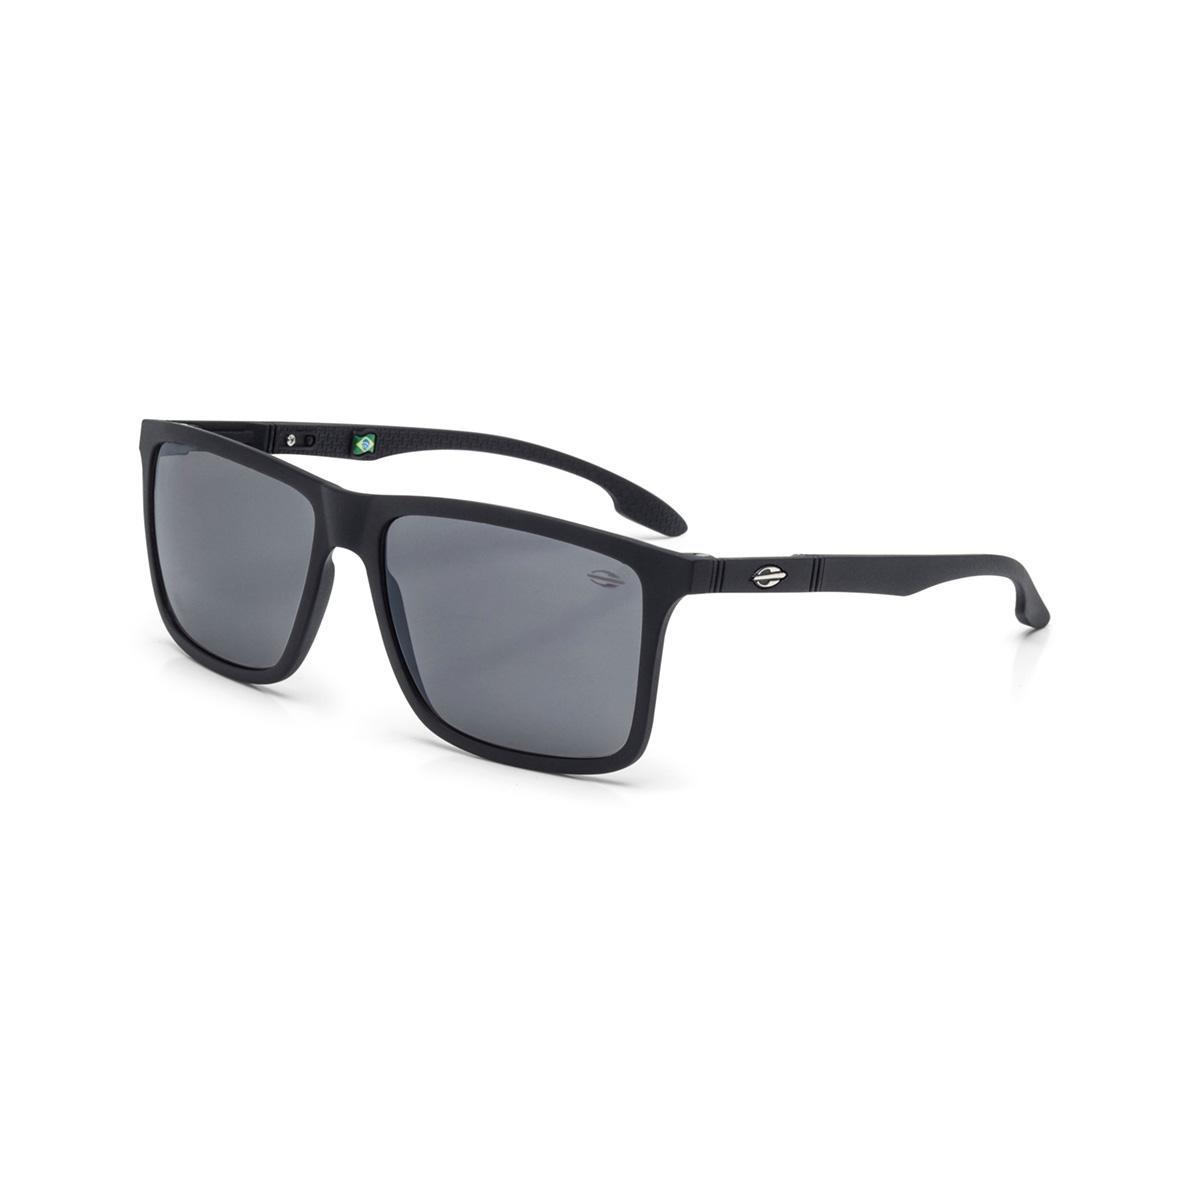 ec3ad2bf2 Oculos Sol Mormaii Kona Preto Fosco L Cinza Fl Prata - R$ 335,00 em ...